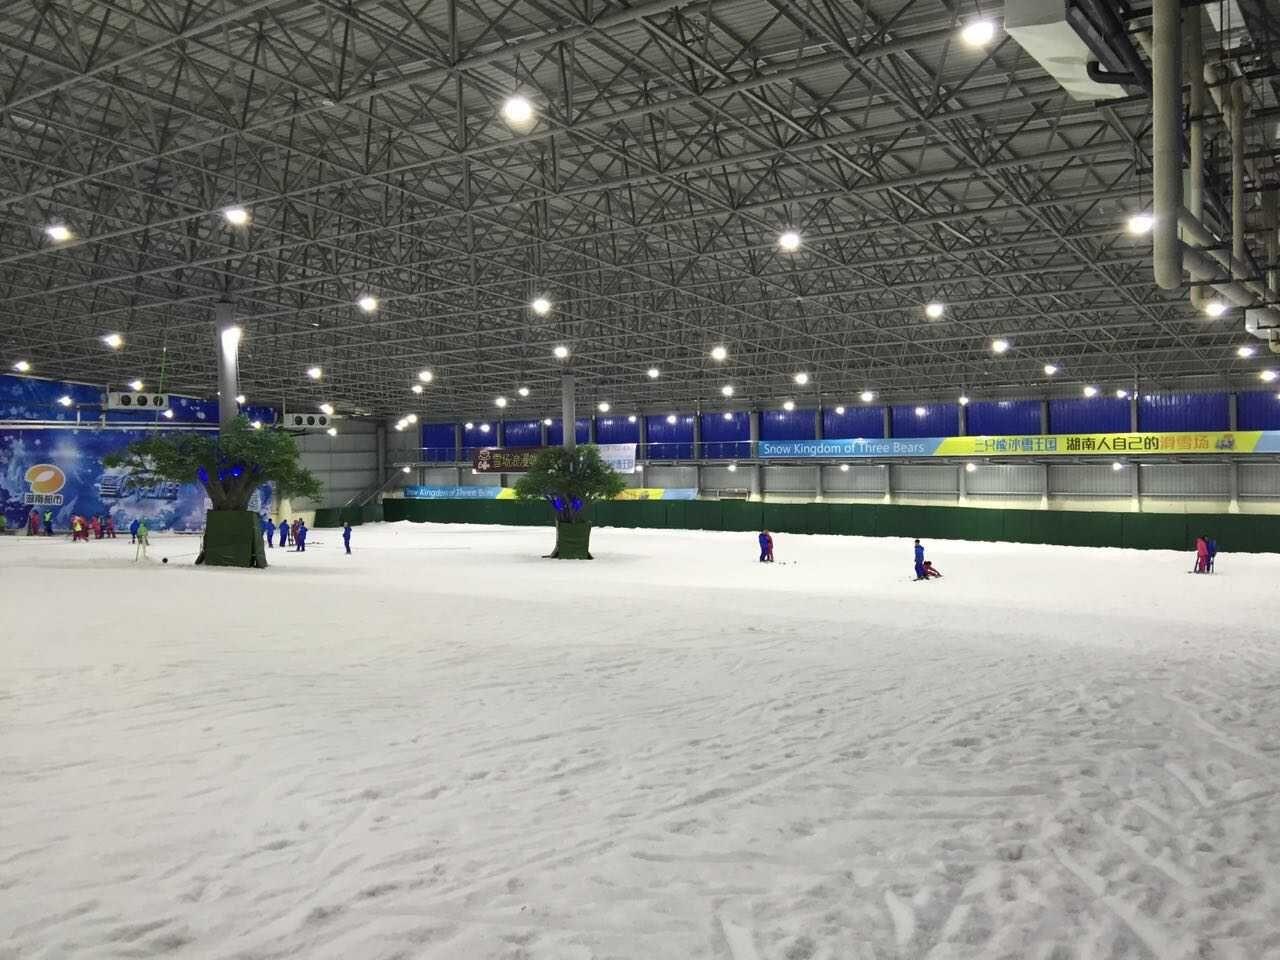 长沙三只熊滑雪场(长沙三只熊冰雪王国滑雪场)一日游直通车